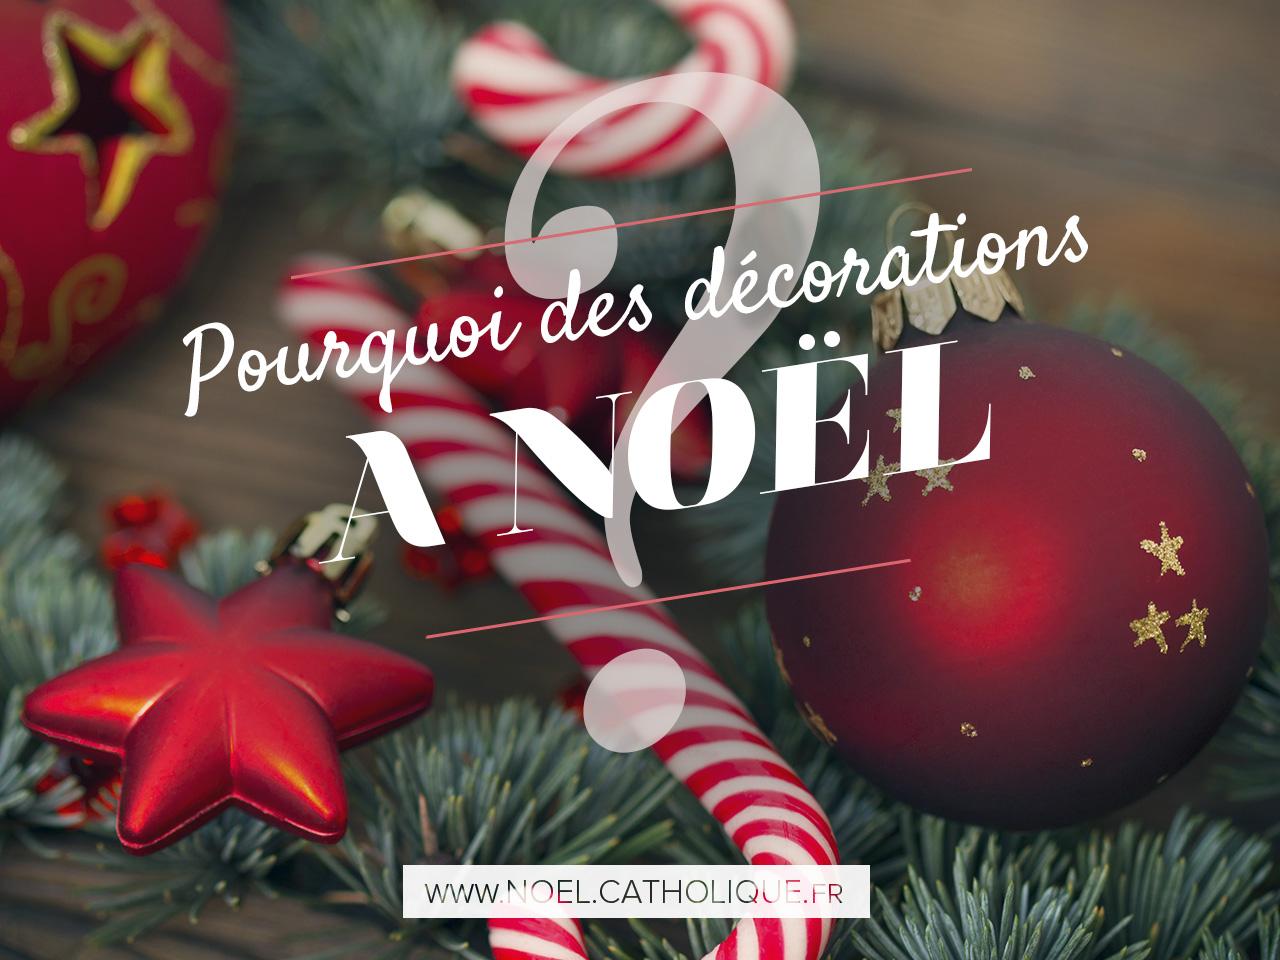 #B01B32 Pourquoi Des Décorations à Noël 5447 décorations de noel hema 1280x960 px @ aertt.com